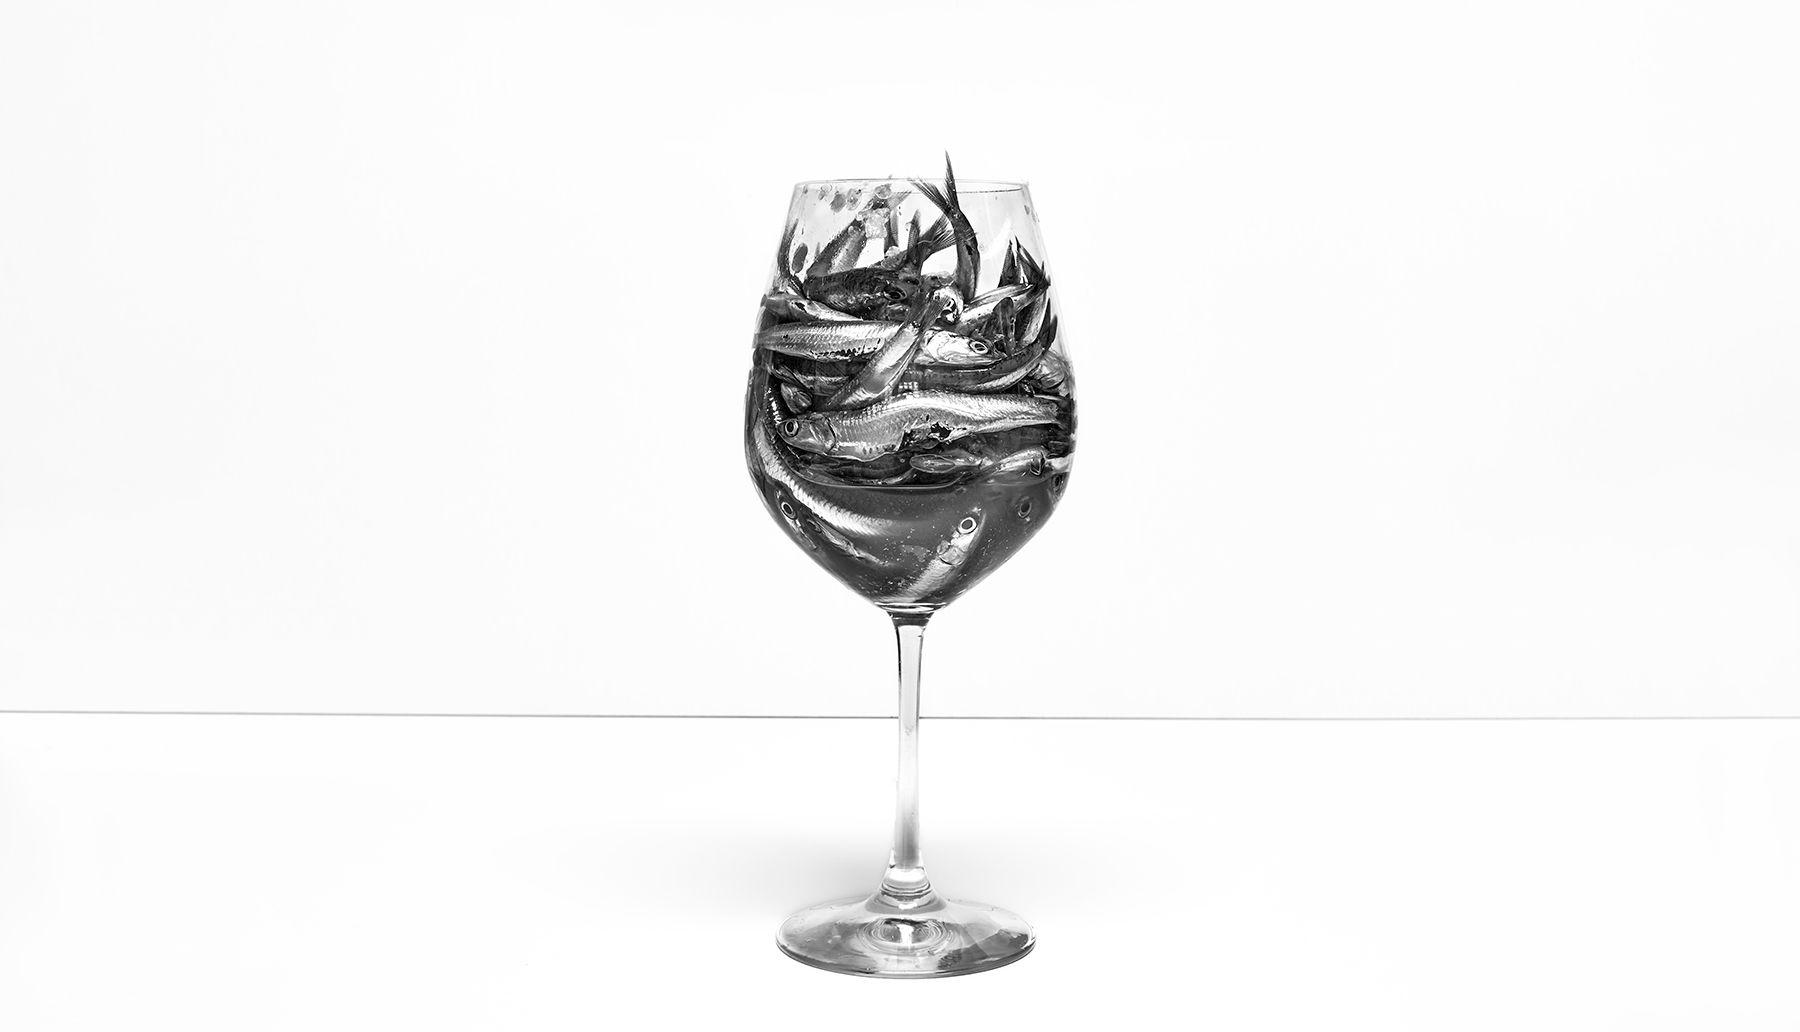 Boquerones en copa: